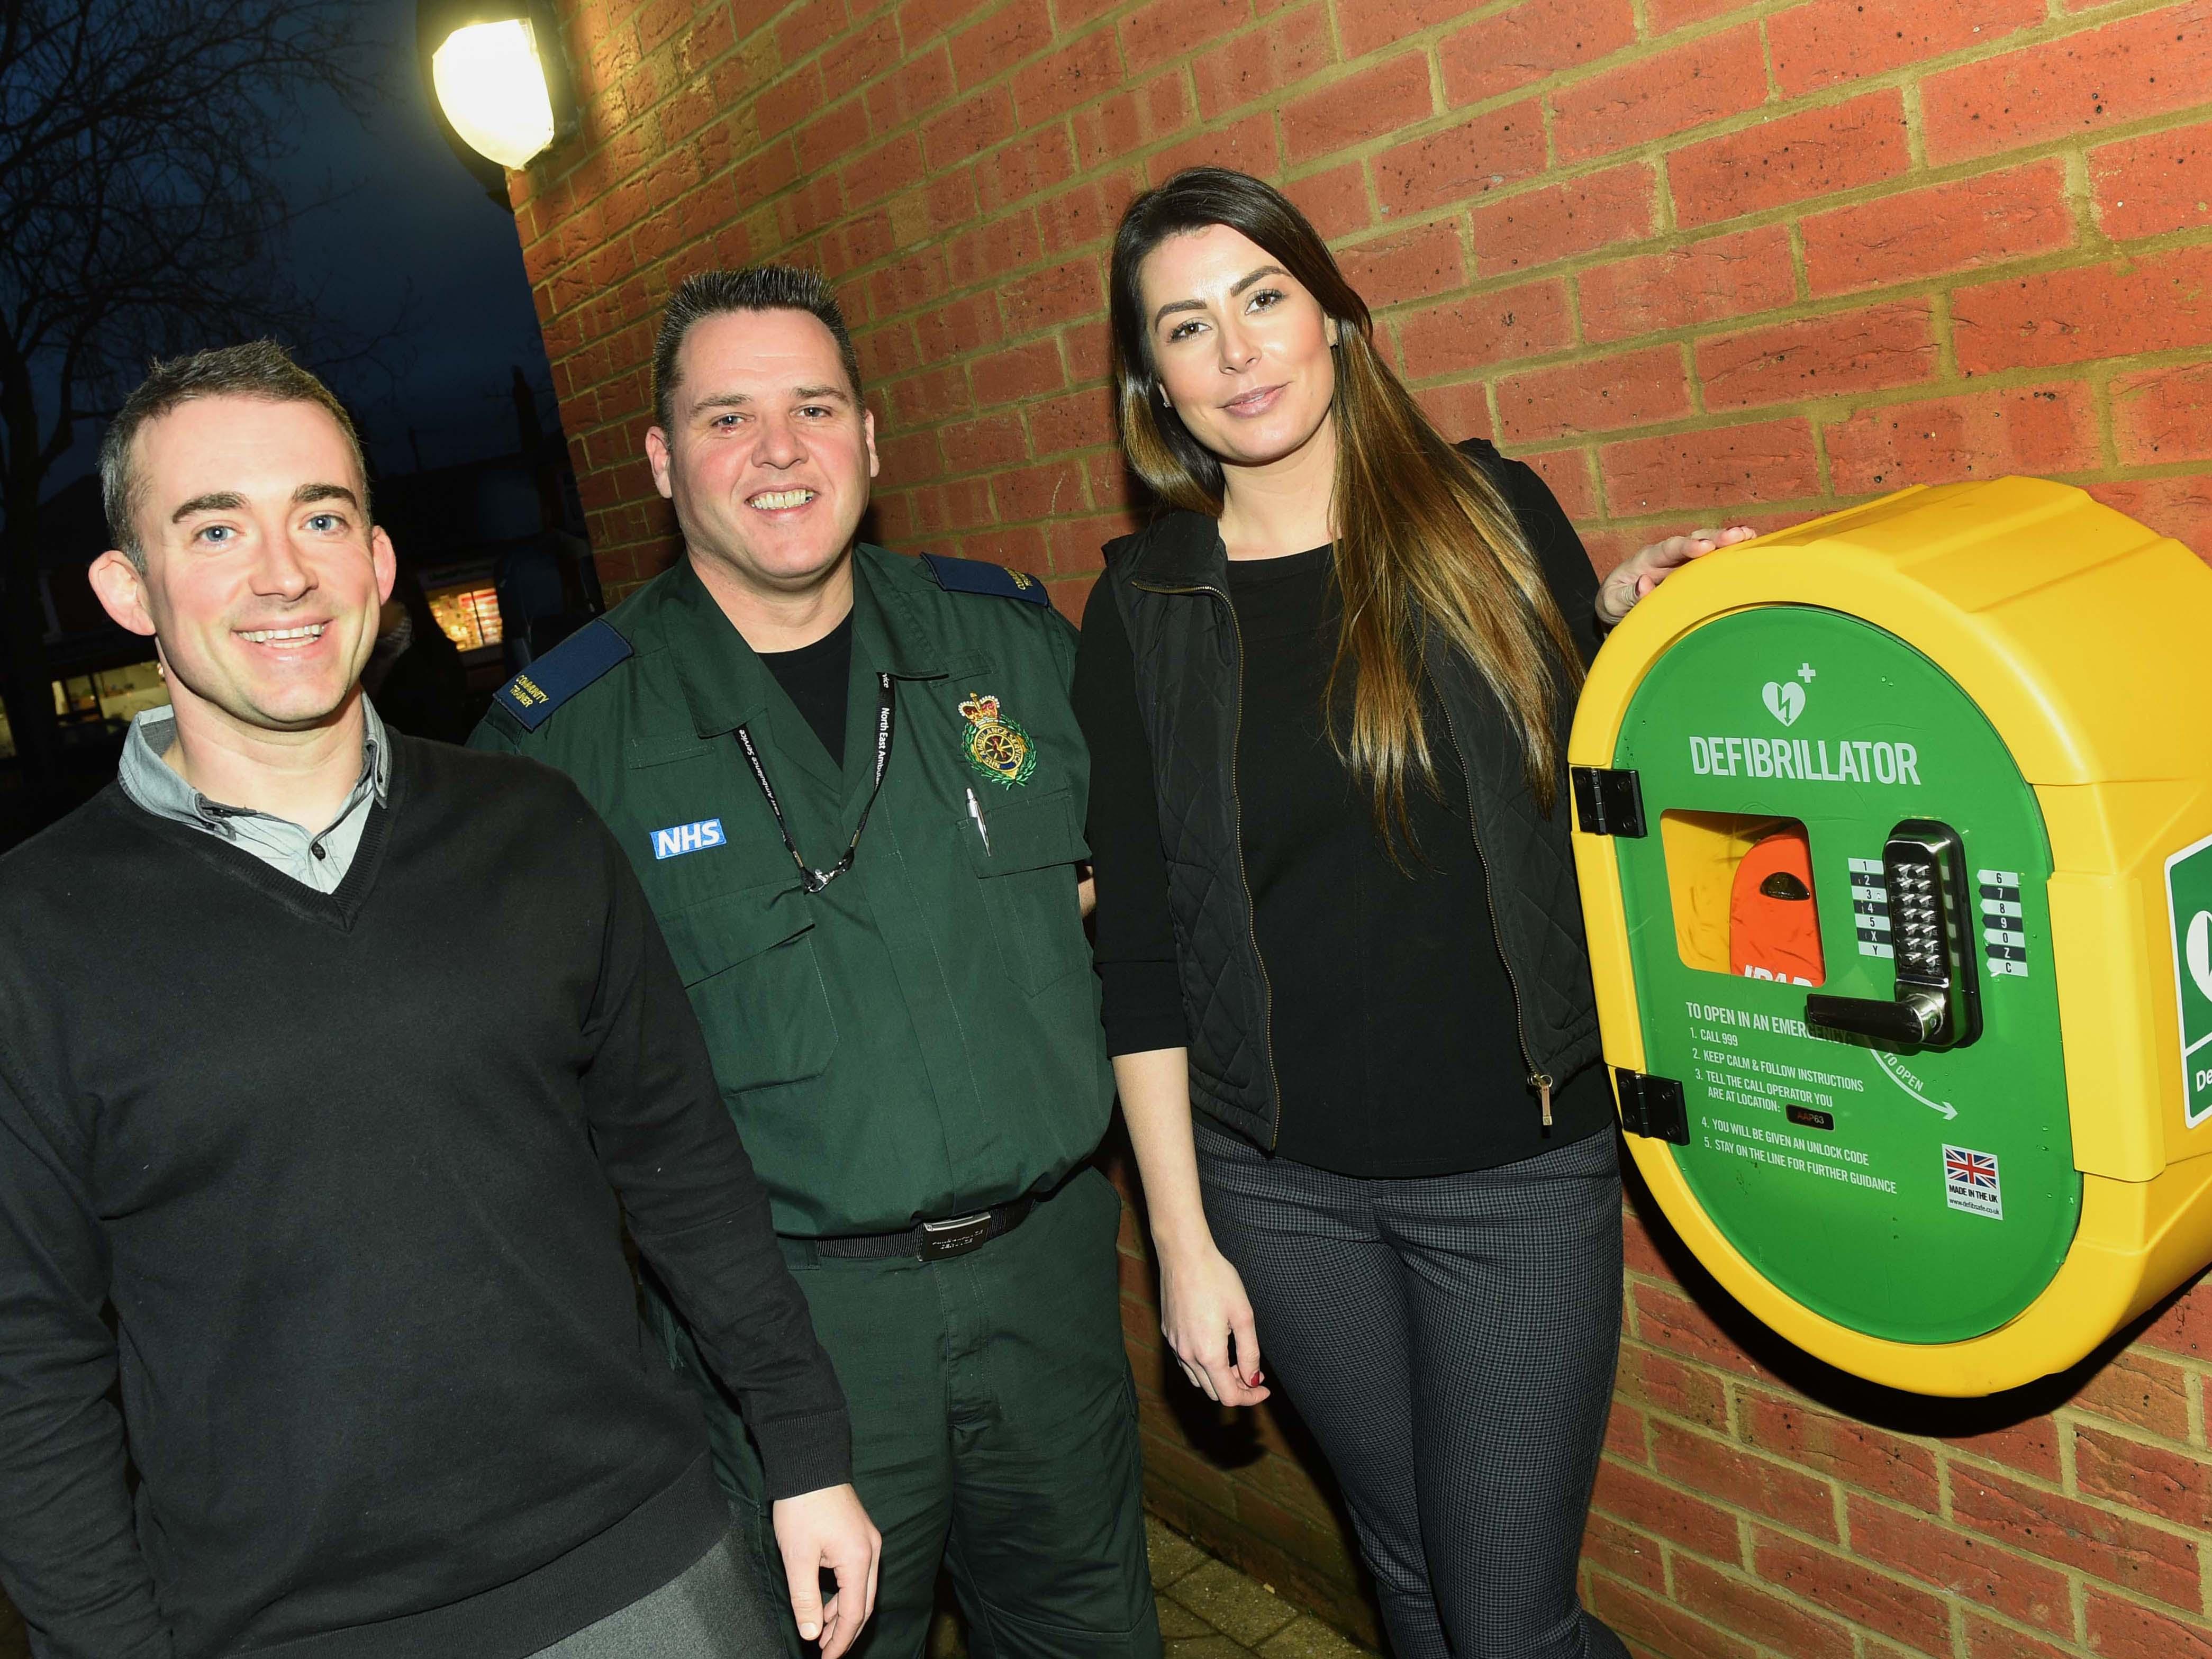 Acklam Green Centre launches public access defibrillator